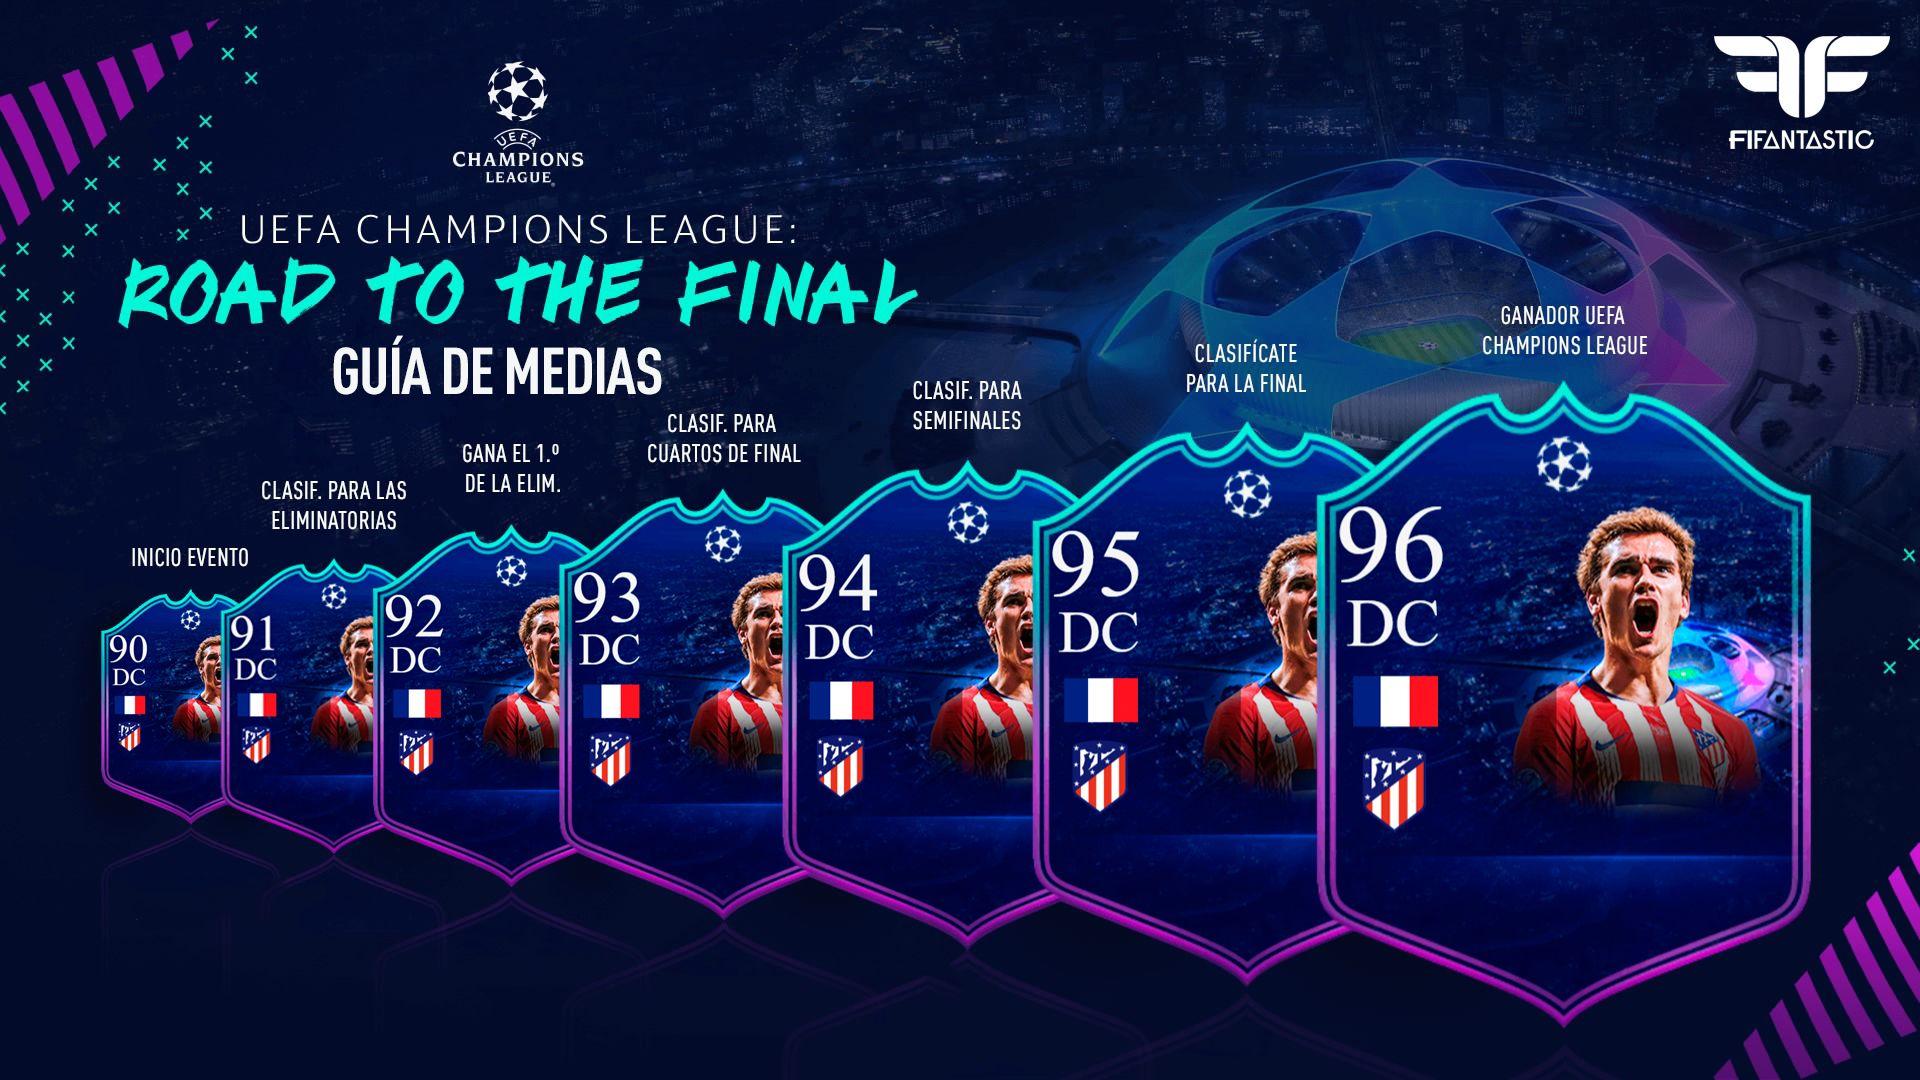 Medias De Las Cartas UCL Road To The Final De FIFA 19